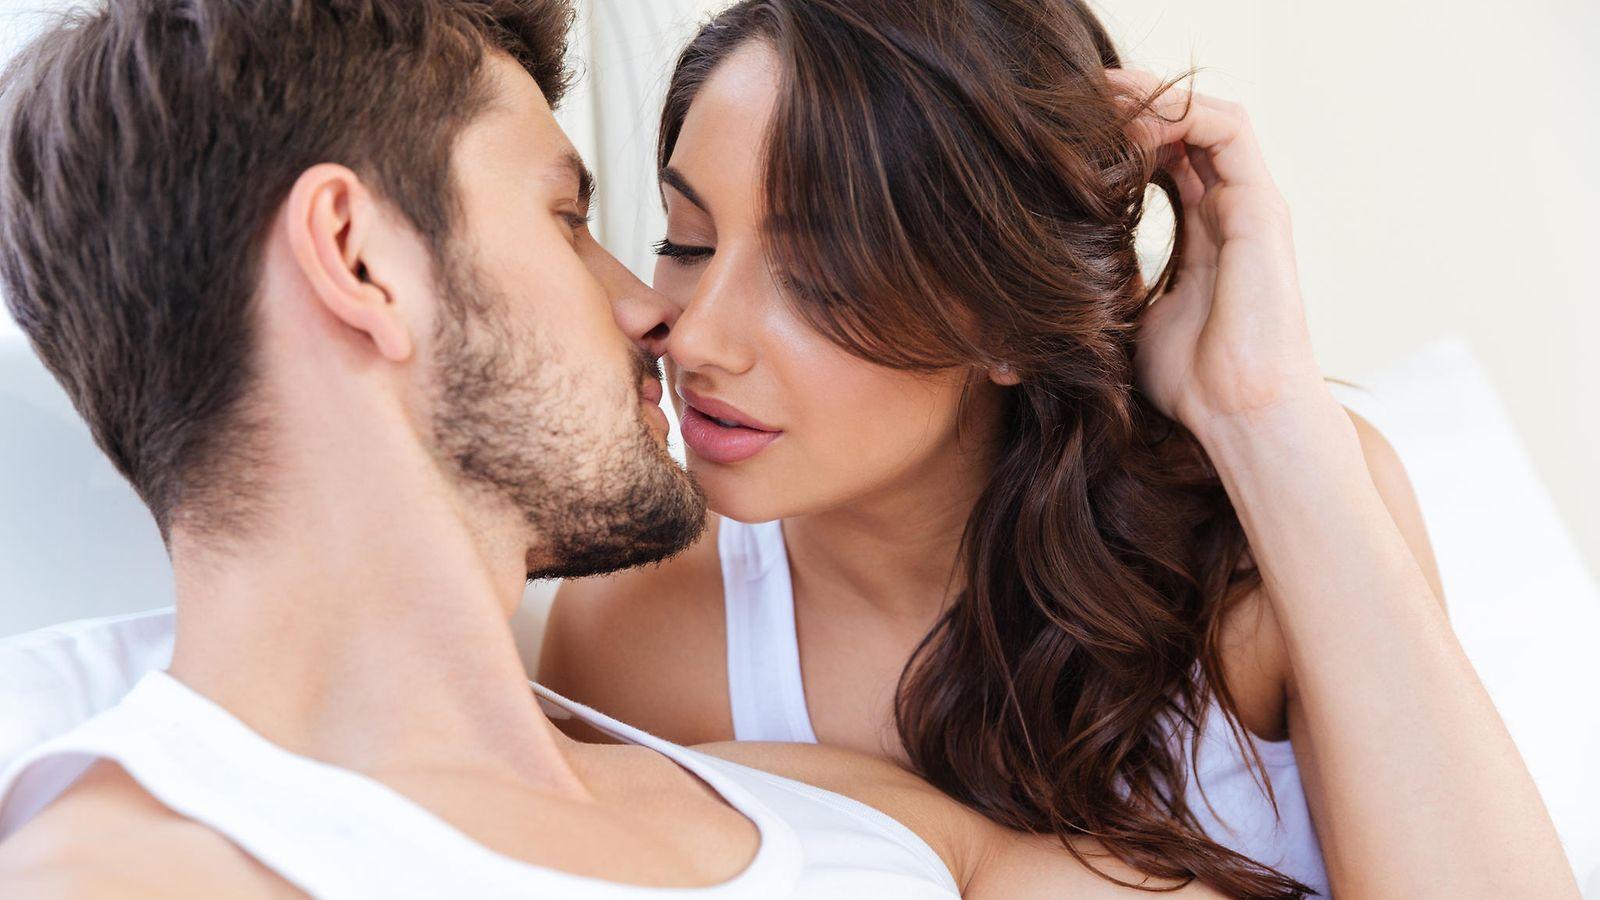 porno kotivideot seksi kotivideot